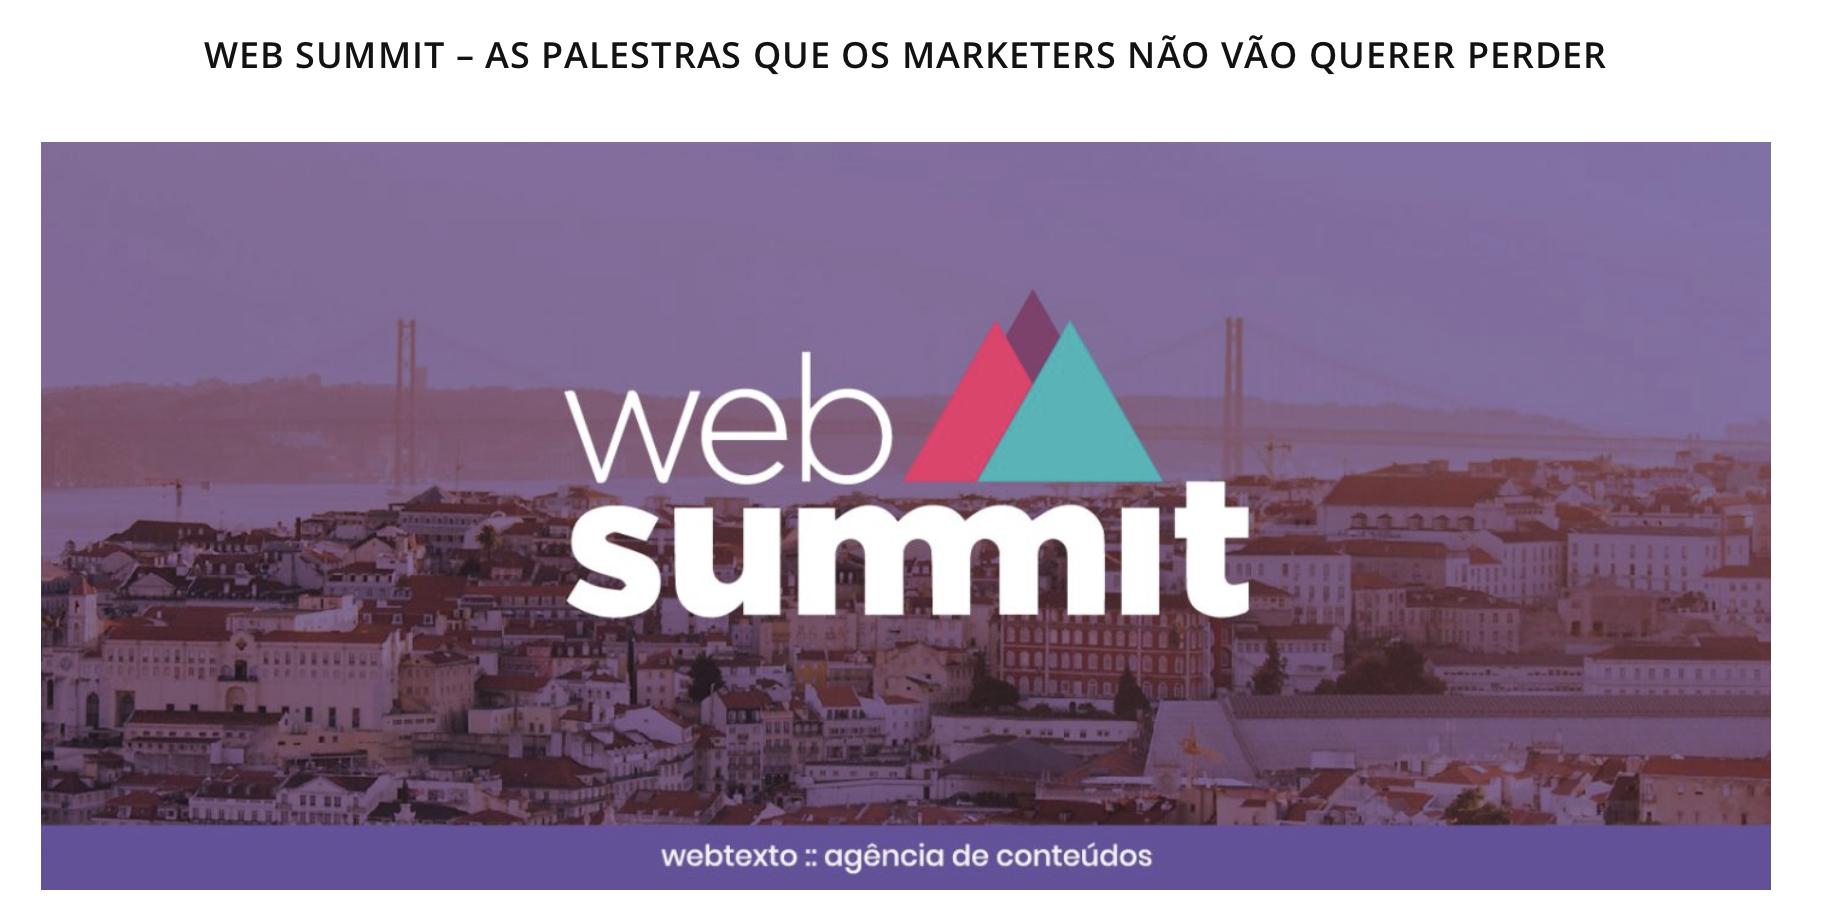 WEB SUMMIT – AS PALESTRAS QUE OS MARKETERS NÃO VÃO QUERER PERDER - COMTEUDO